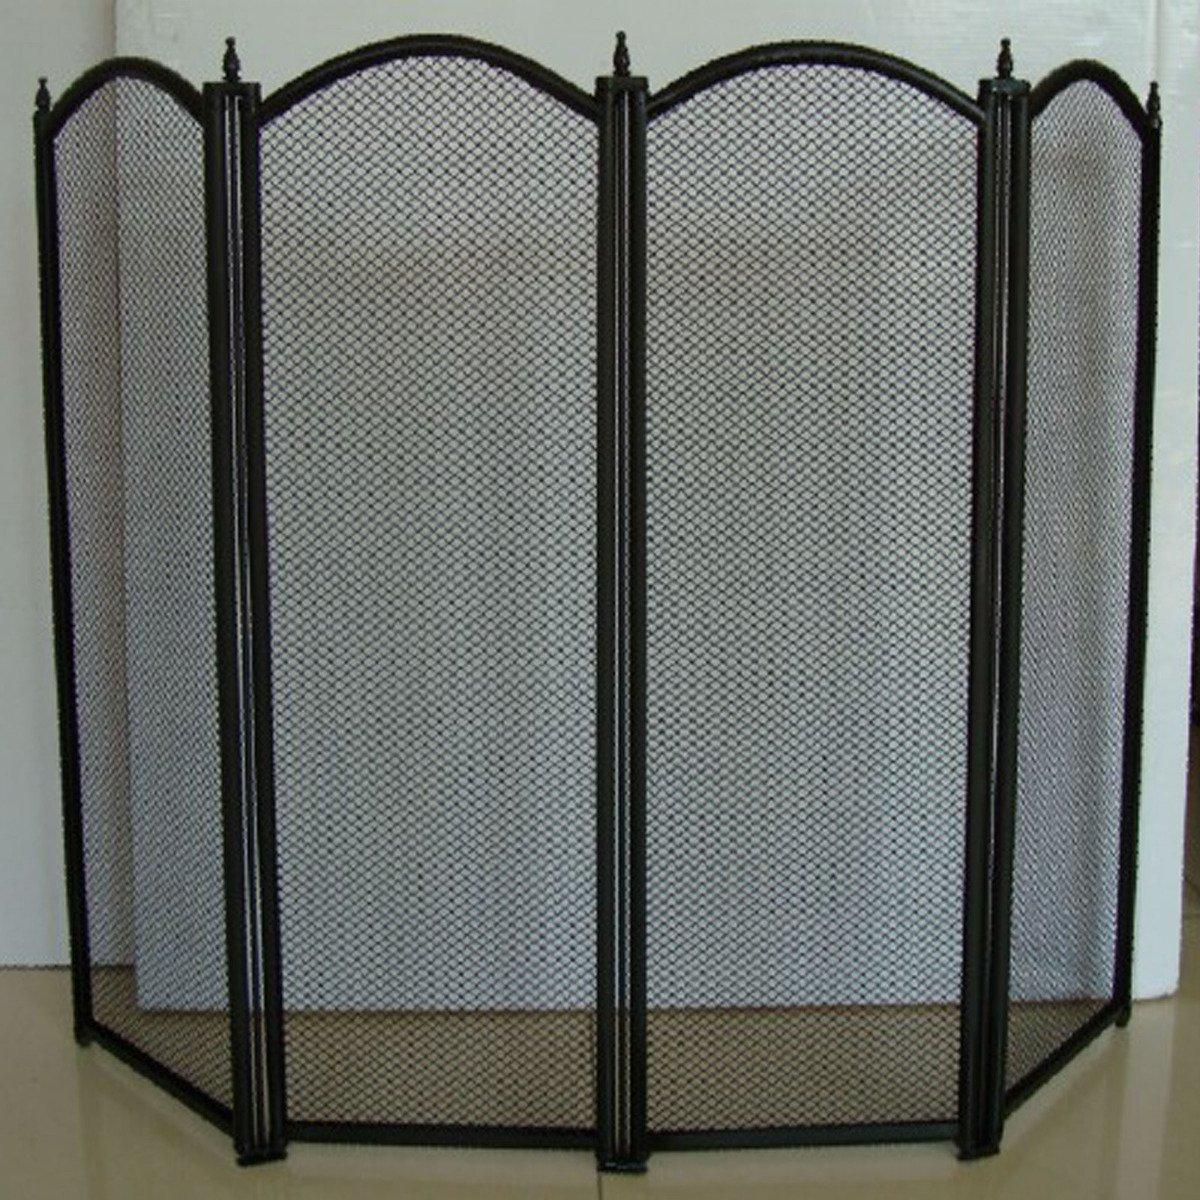 STI Parascintille 4 Ante Elegante 95x62 Elegante Robusto Protezione Accessori stufe